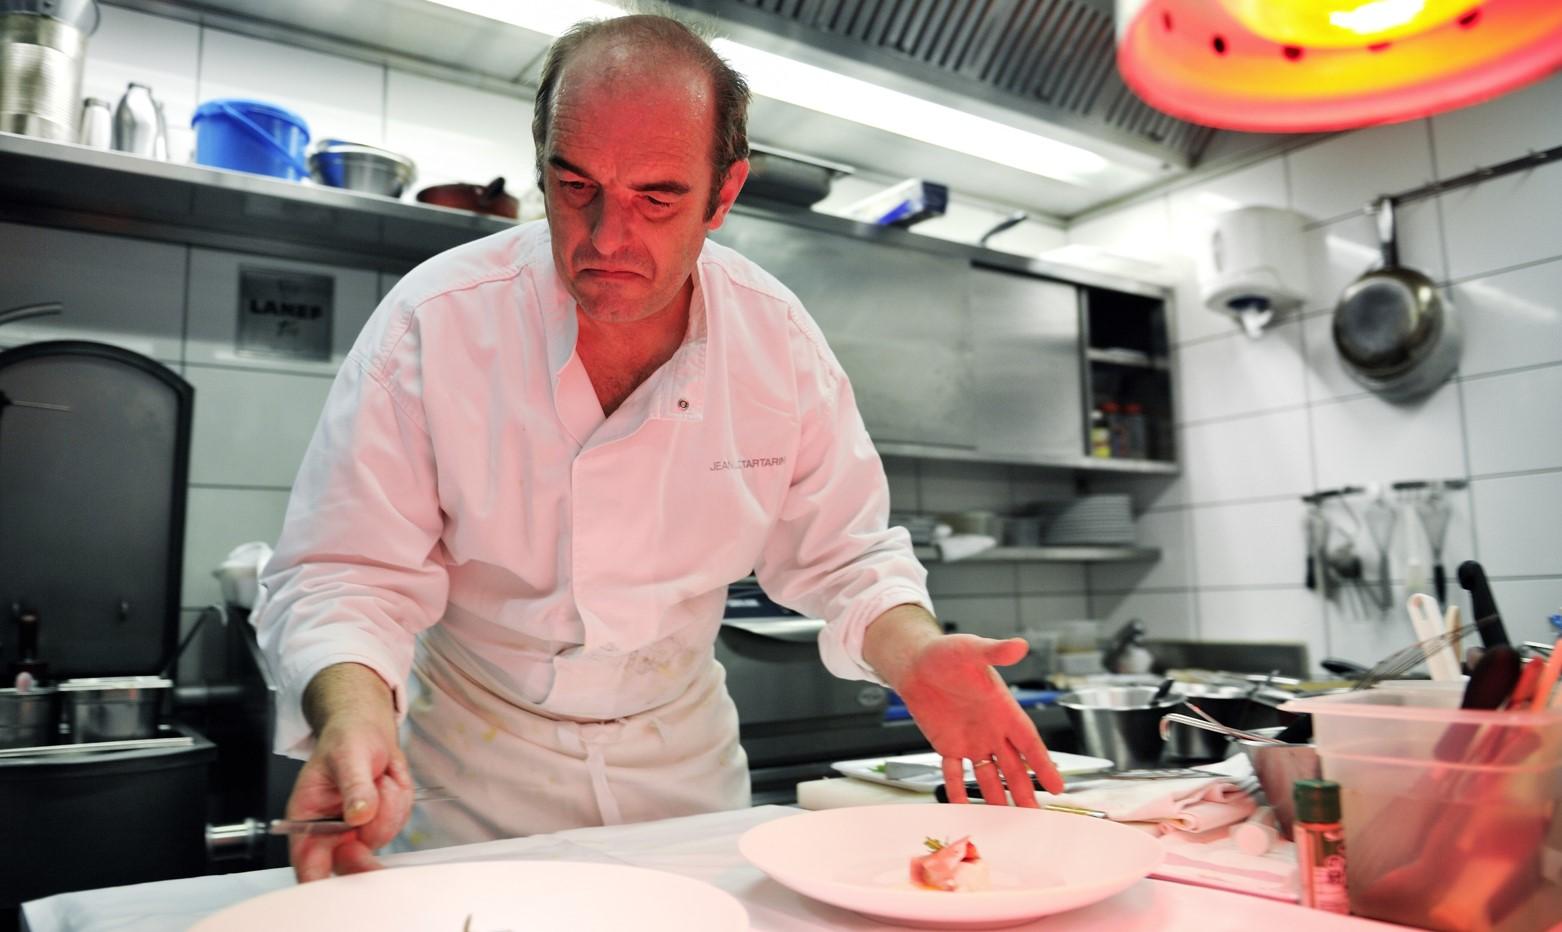 Jean-Luc Tartarin, Référent Normandie et Restaurant de qualité Jean Luc Tartarin, Le Havre